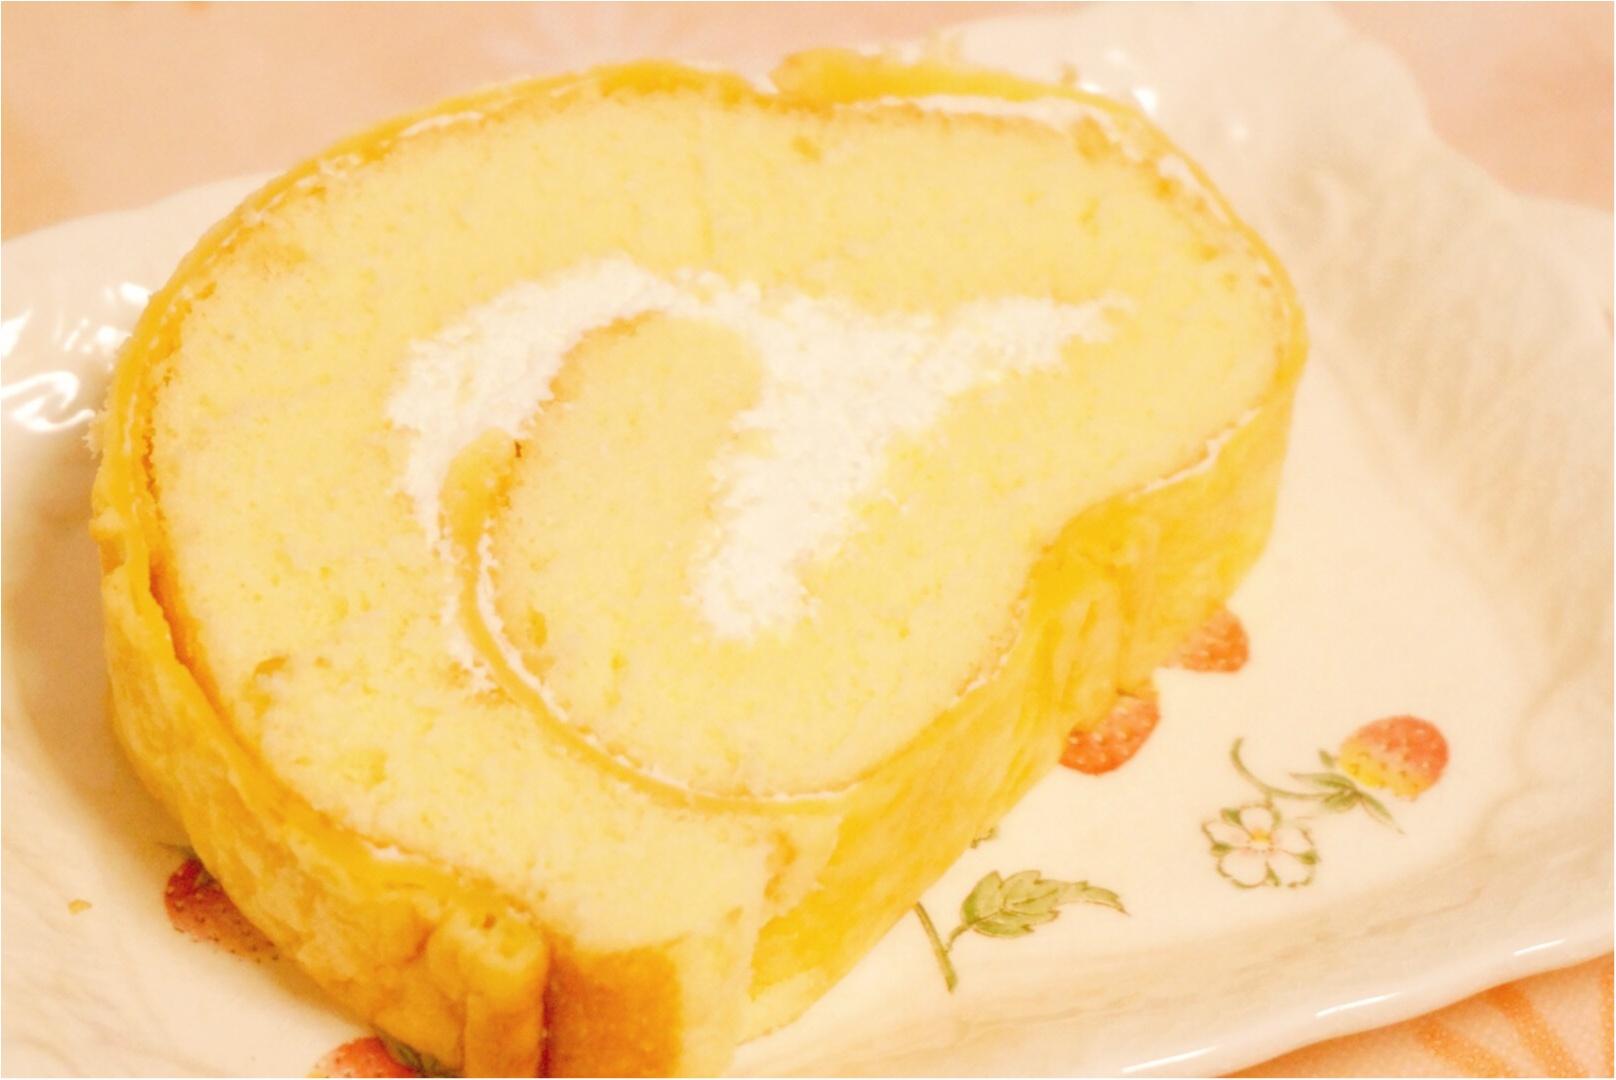 モンドセレクション6年連続金賞受賞✨【清月】の《イタリアンロール》が美味すぎる♡_4